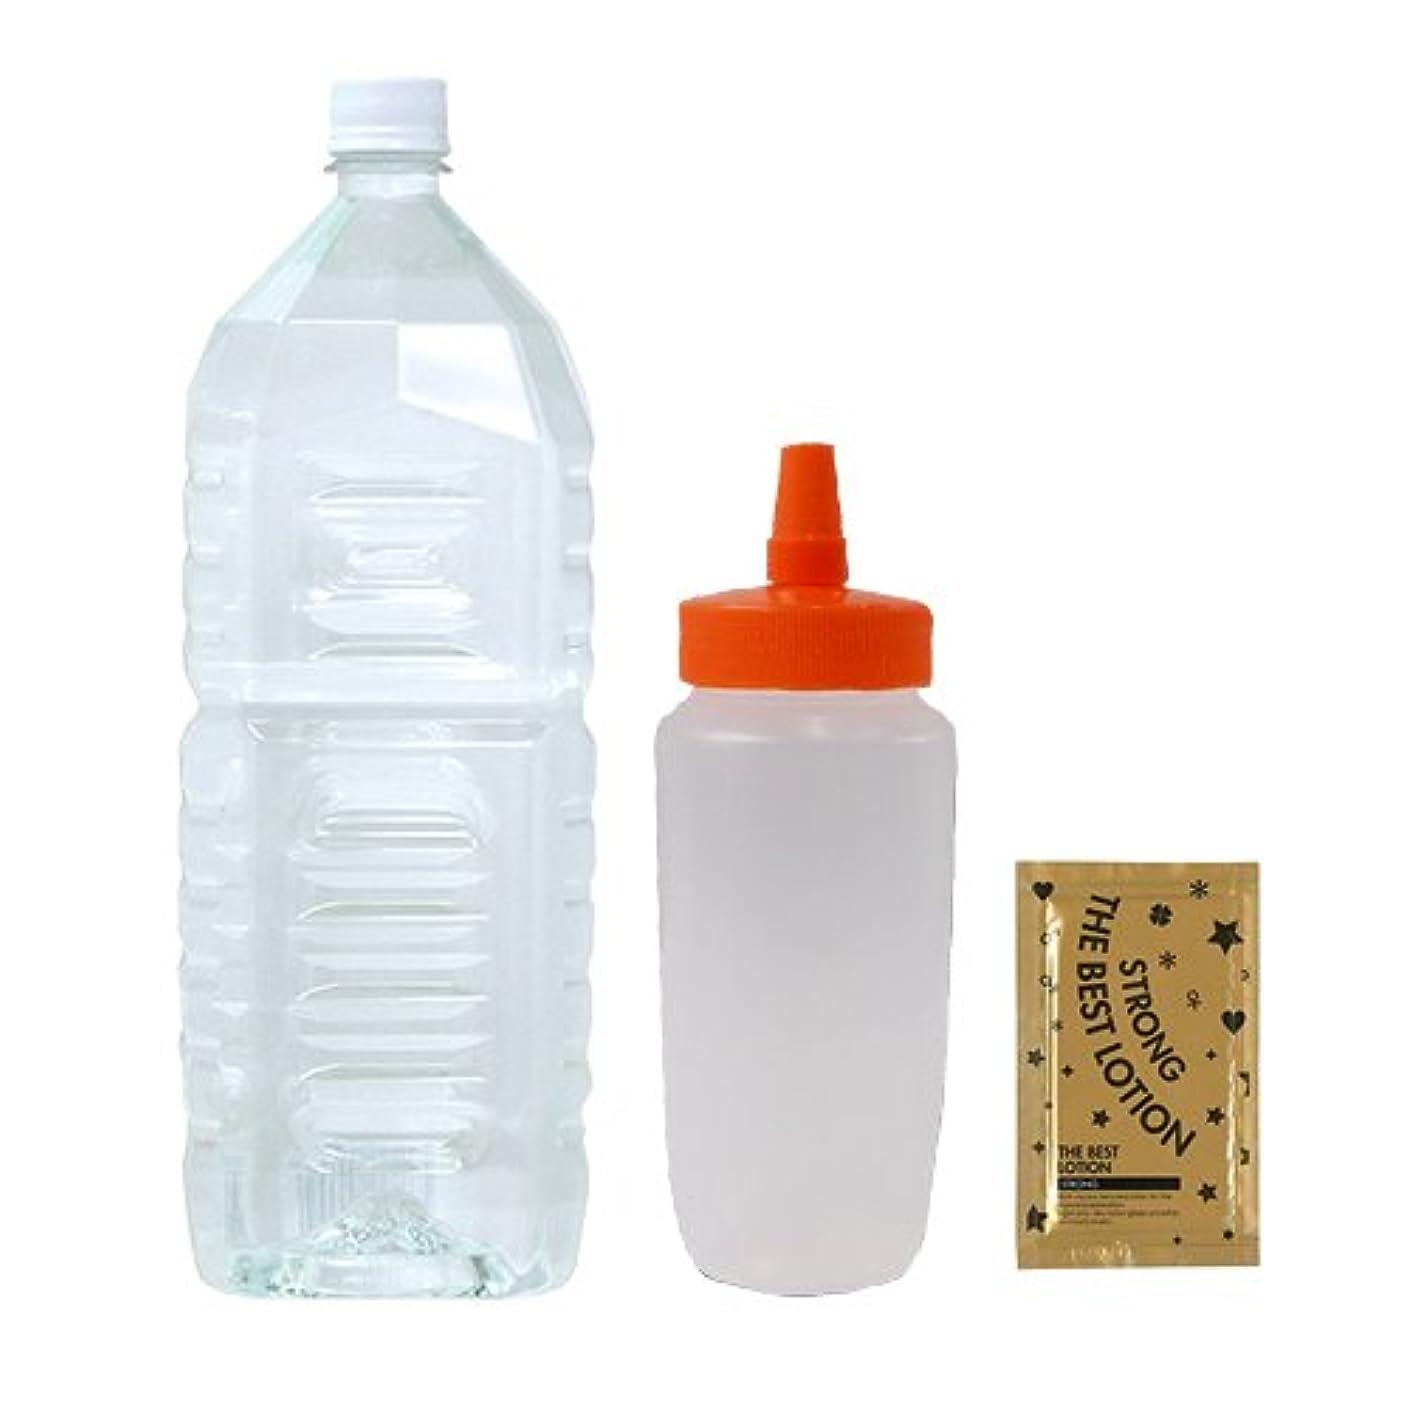 先住民不規則な州クリアローション 2Lペットボトル ハードタイプ(5倍濃縮原液)+ はちみつ容器740ml(オレンジキャップ)+ ベストローションストロング 1包付き セット